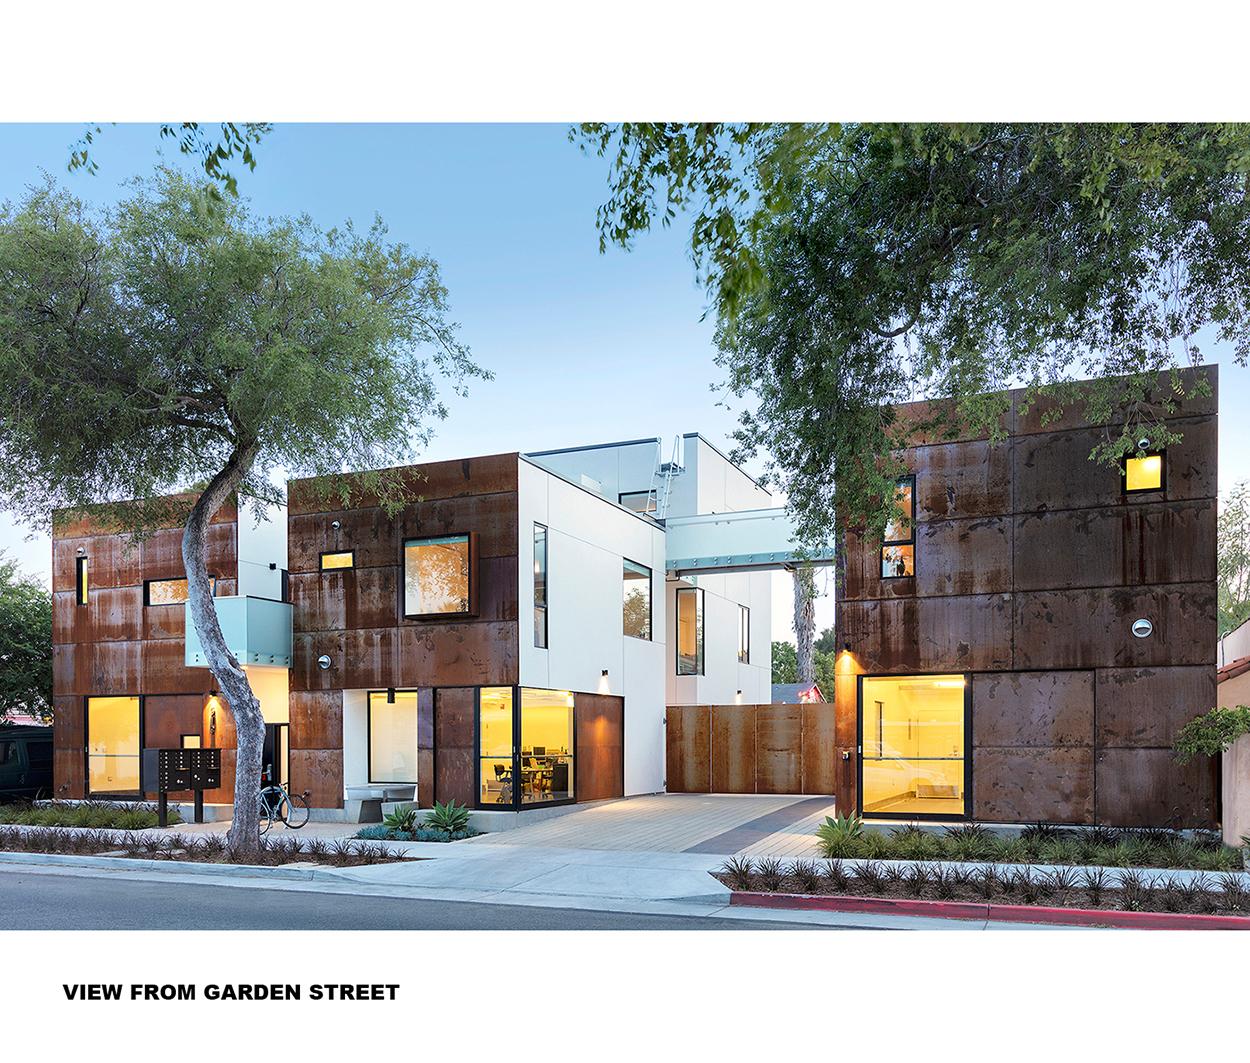 2013 Award Winning House Plans: Deadline Extended: Enter The 2018 Builder's Choice